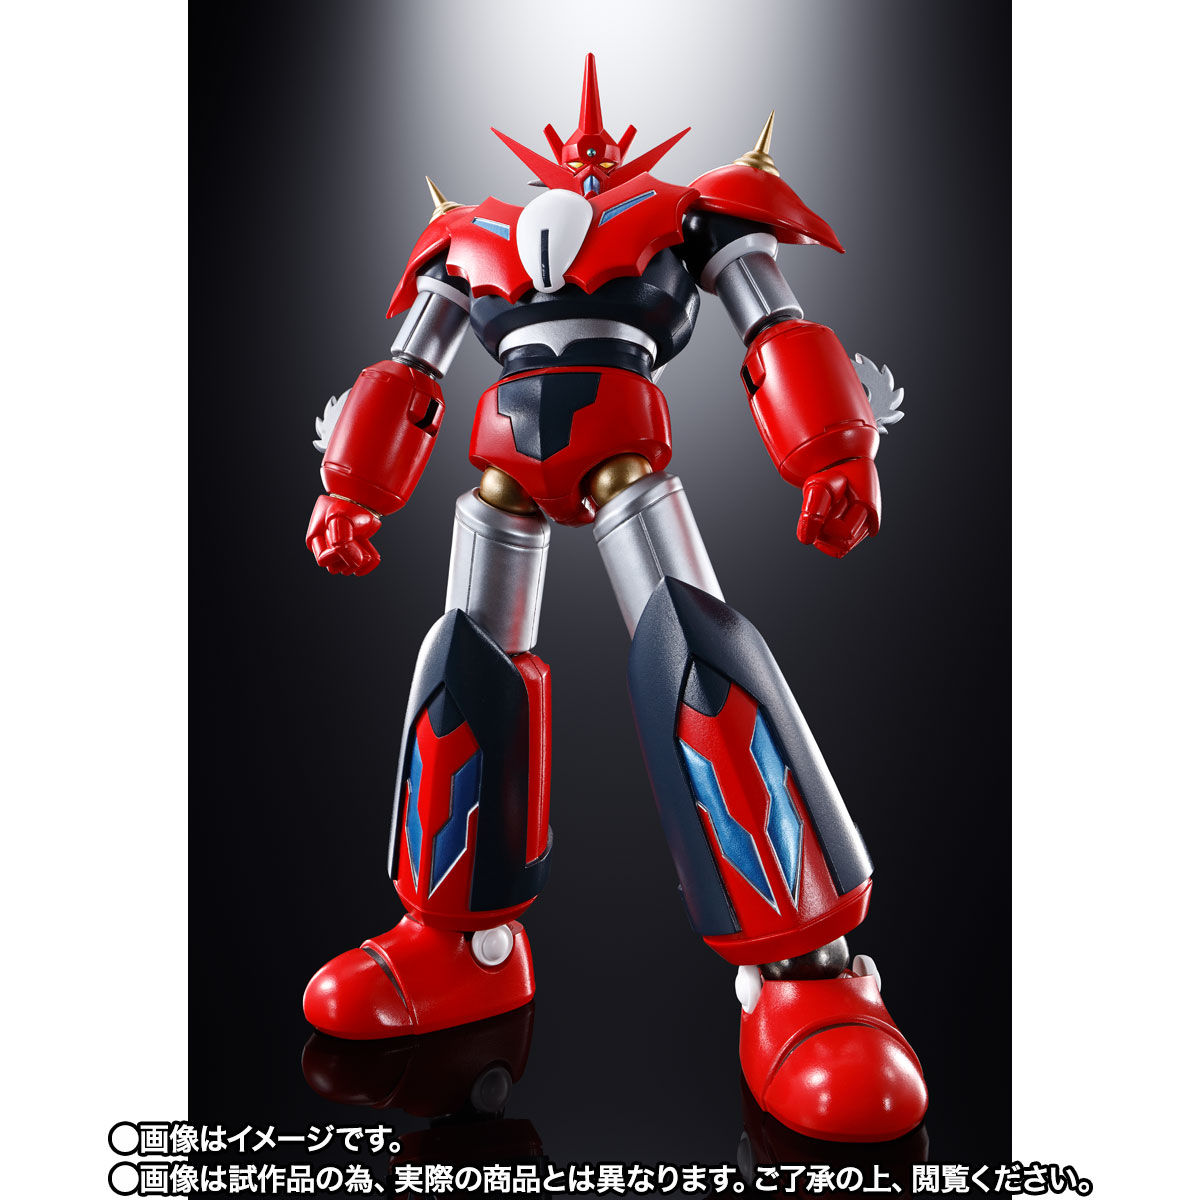 【限定販売】超合金魂『GX-98 ゲッターD2』ゲッターロボ アーク 可動フィギュア-002